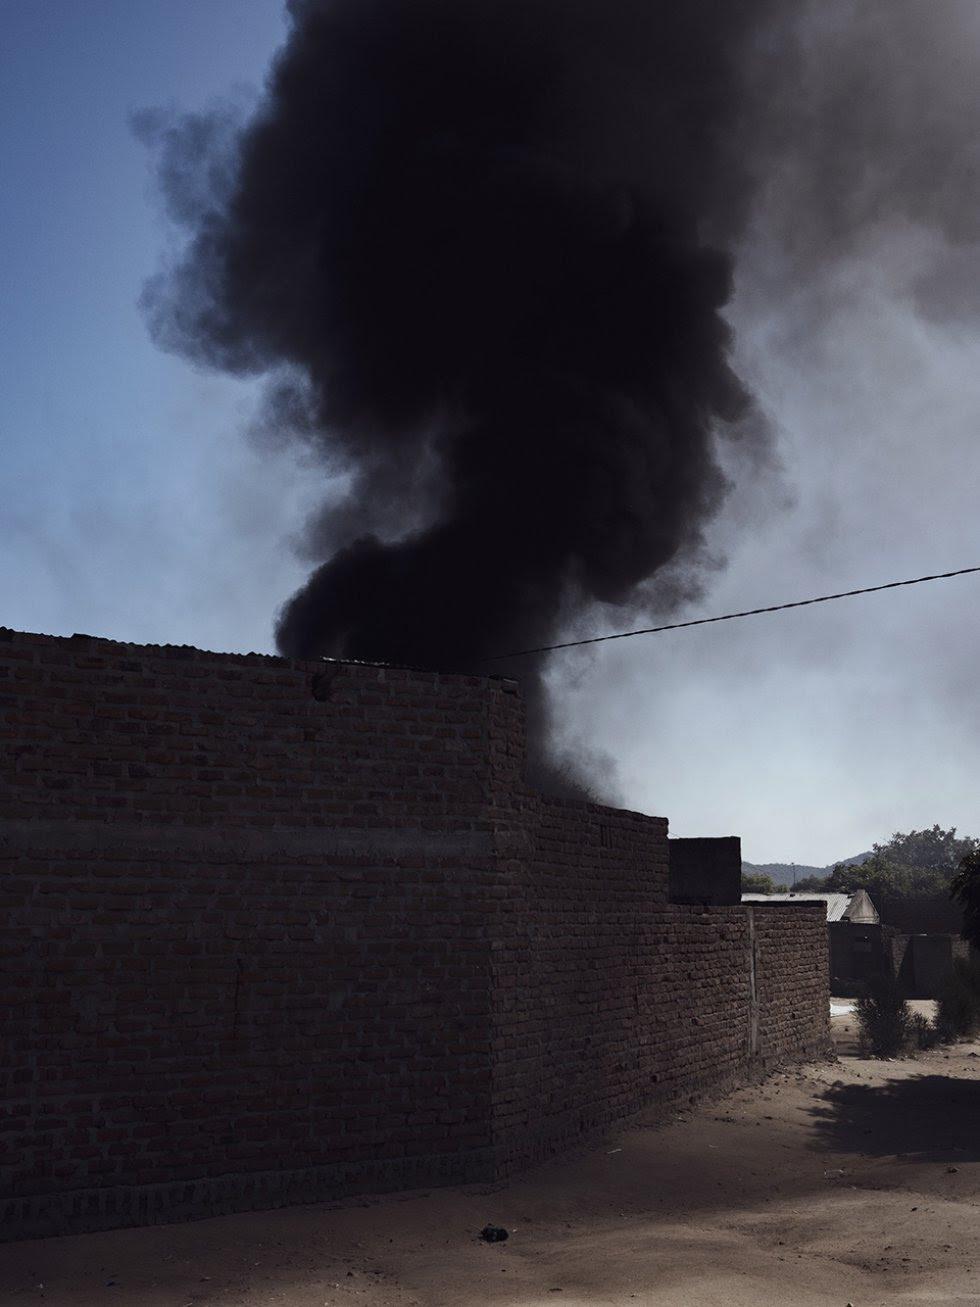 Una columna de humo se eleva desde el interior de una casa en el centro de Bagamoyo. En la mayoría de los casos, los propios habitantes queman los desechos, lo que agrava aún más la ya precaria situación de su salud.